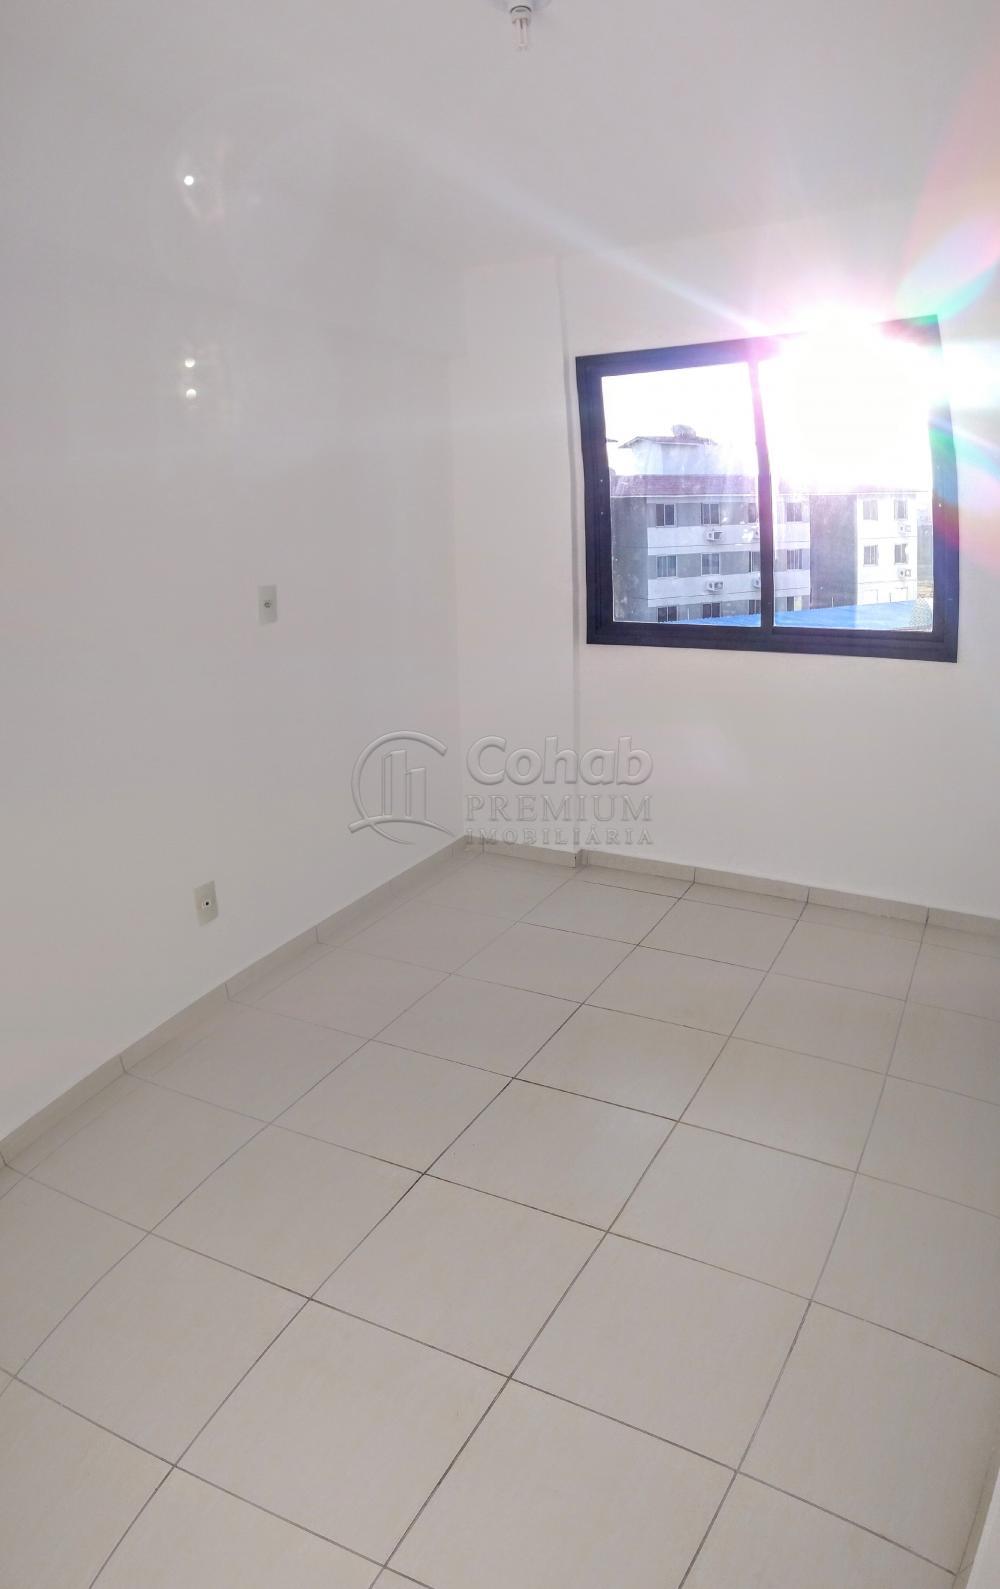 Alugar Apartamento / Padrão em Aracaju apenas R$ 1.300,00 - Foto 6